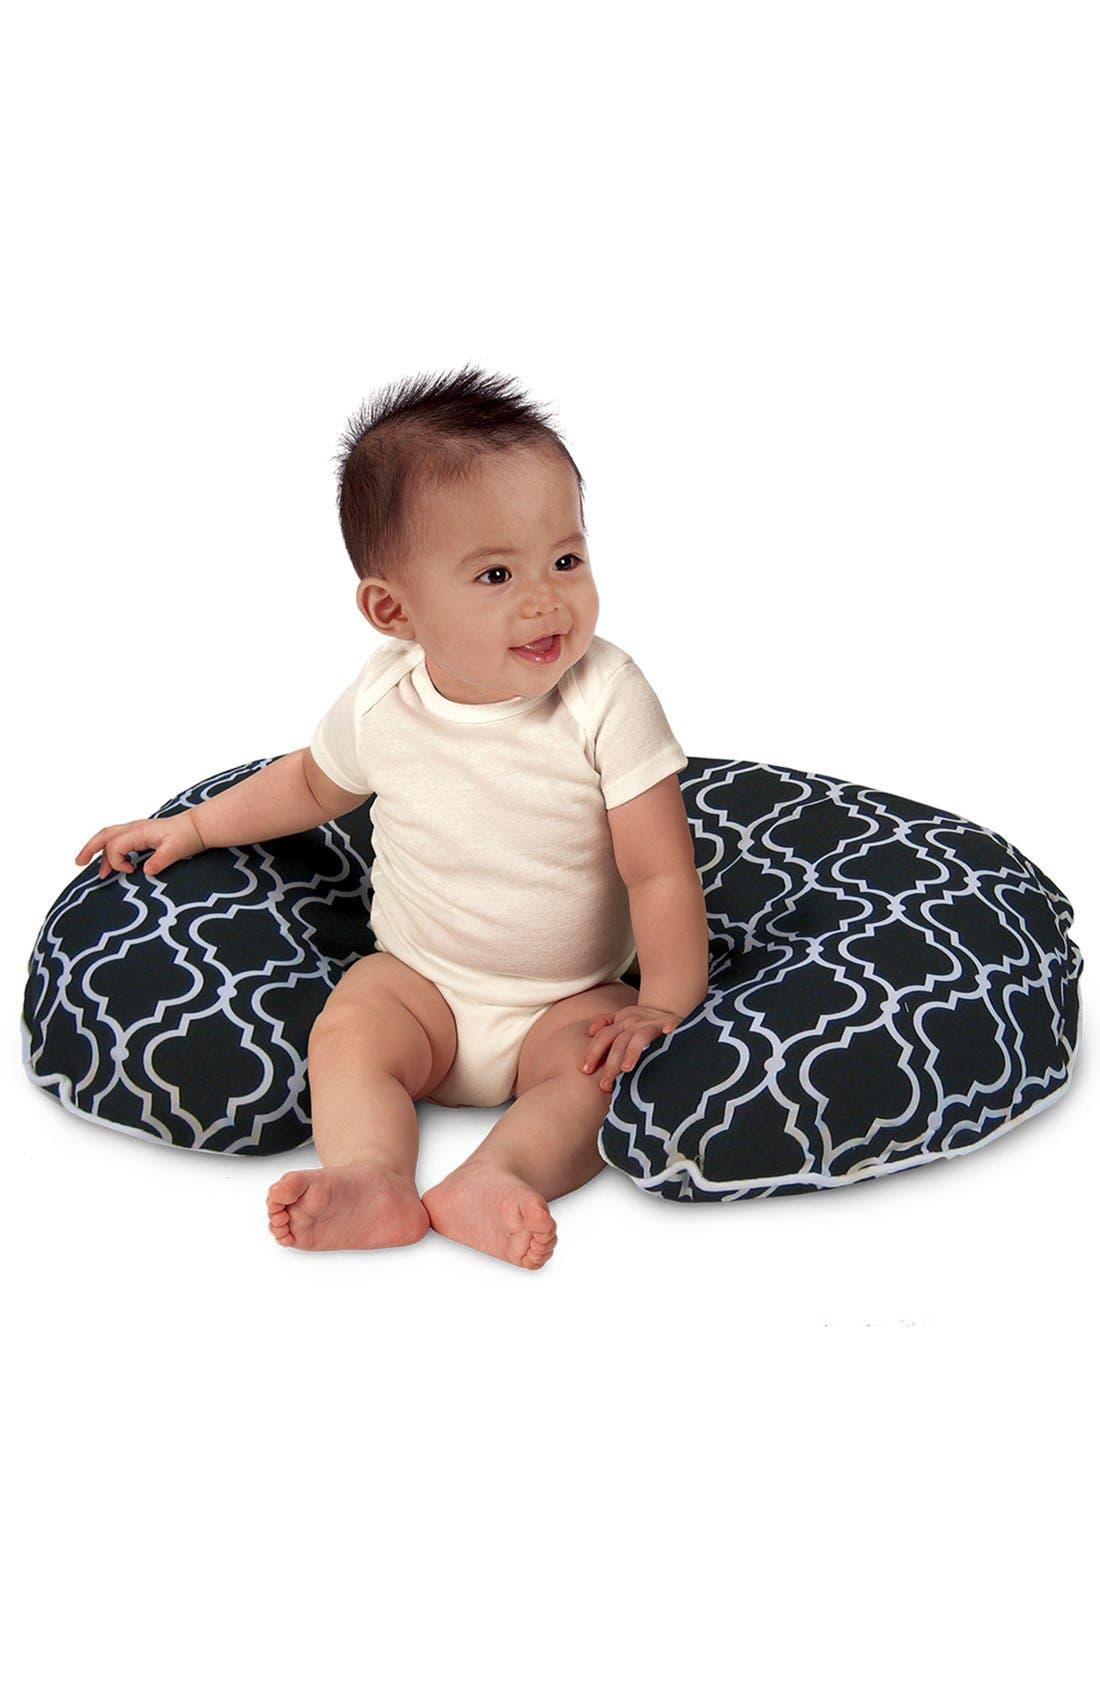 Alternate Image 1 Selected - Boppy 'Seville' Pillow & Slipcover